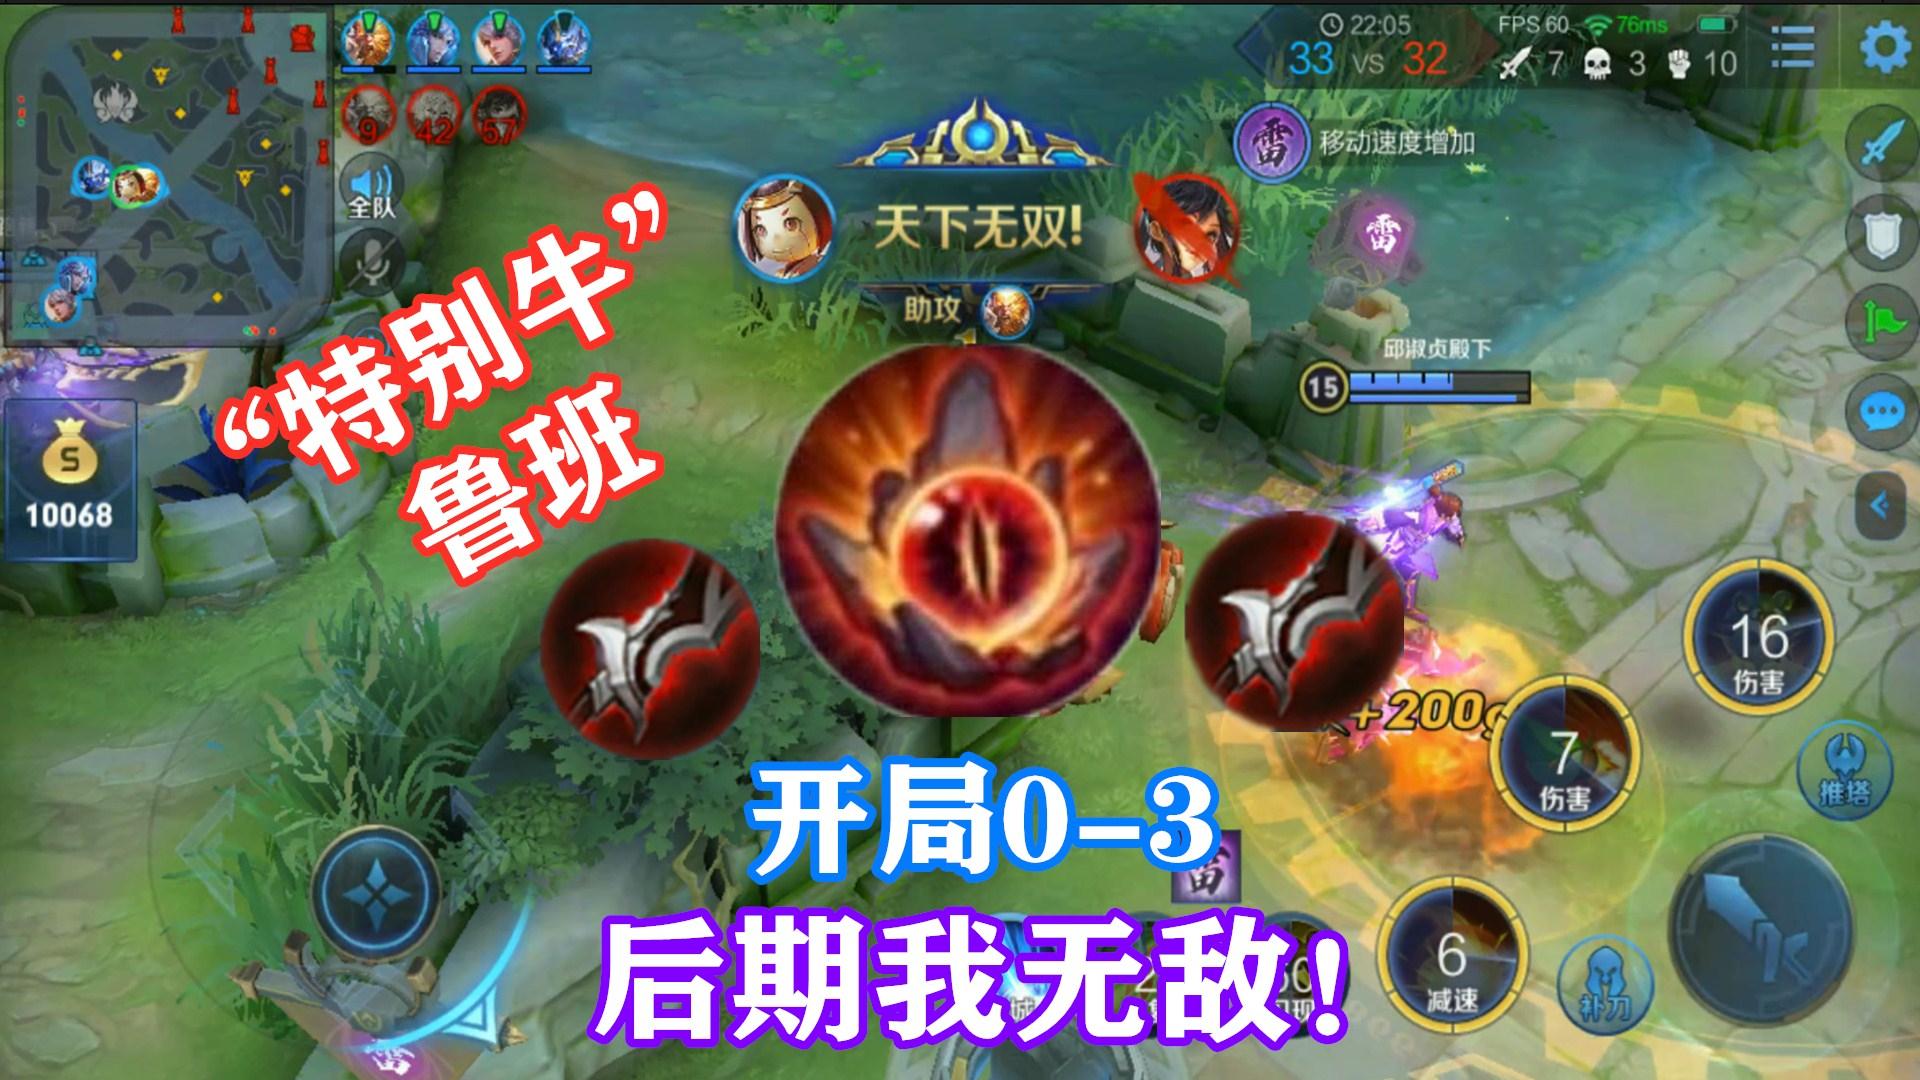 """""""特别牛""""鲁班:挑战双泣血刀,0-3梦幻开局,到后期我无敌!"""